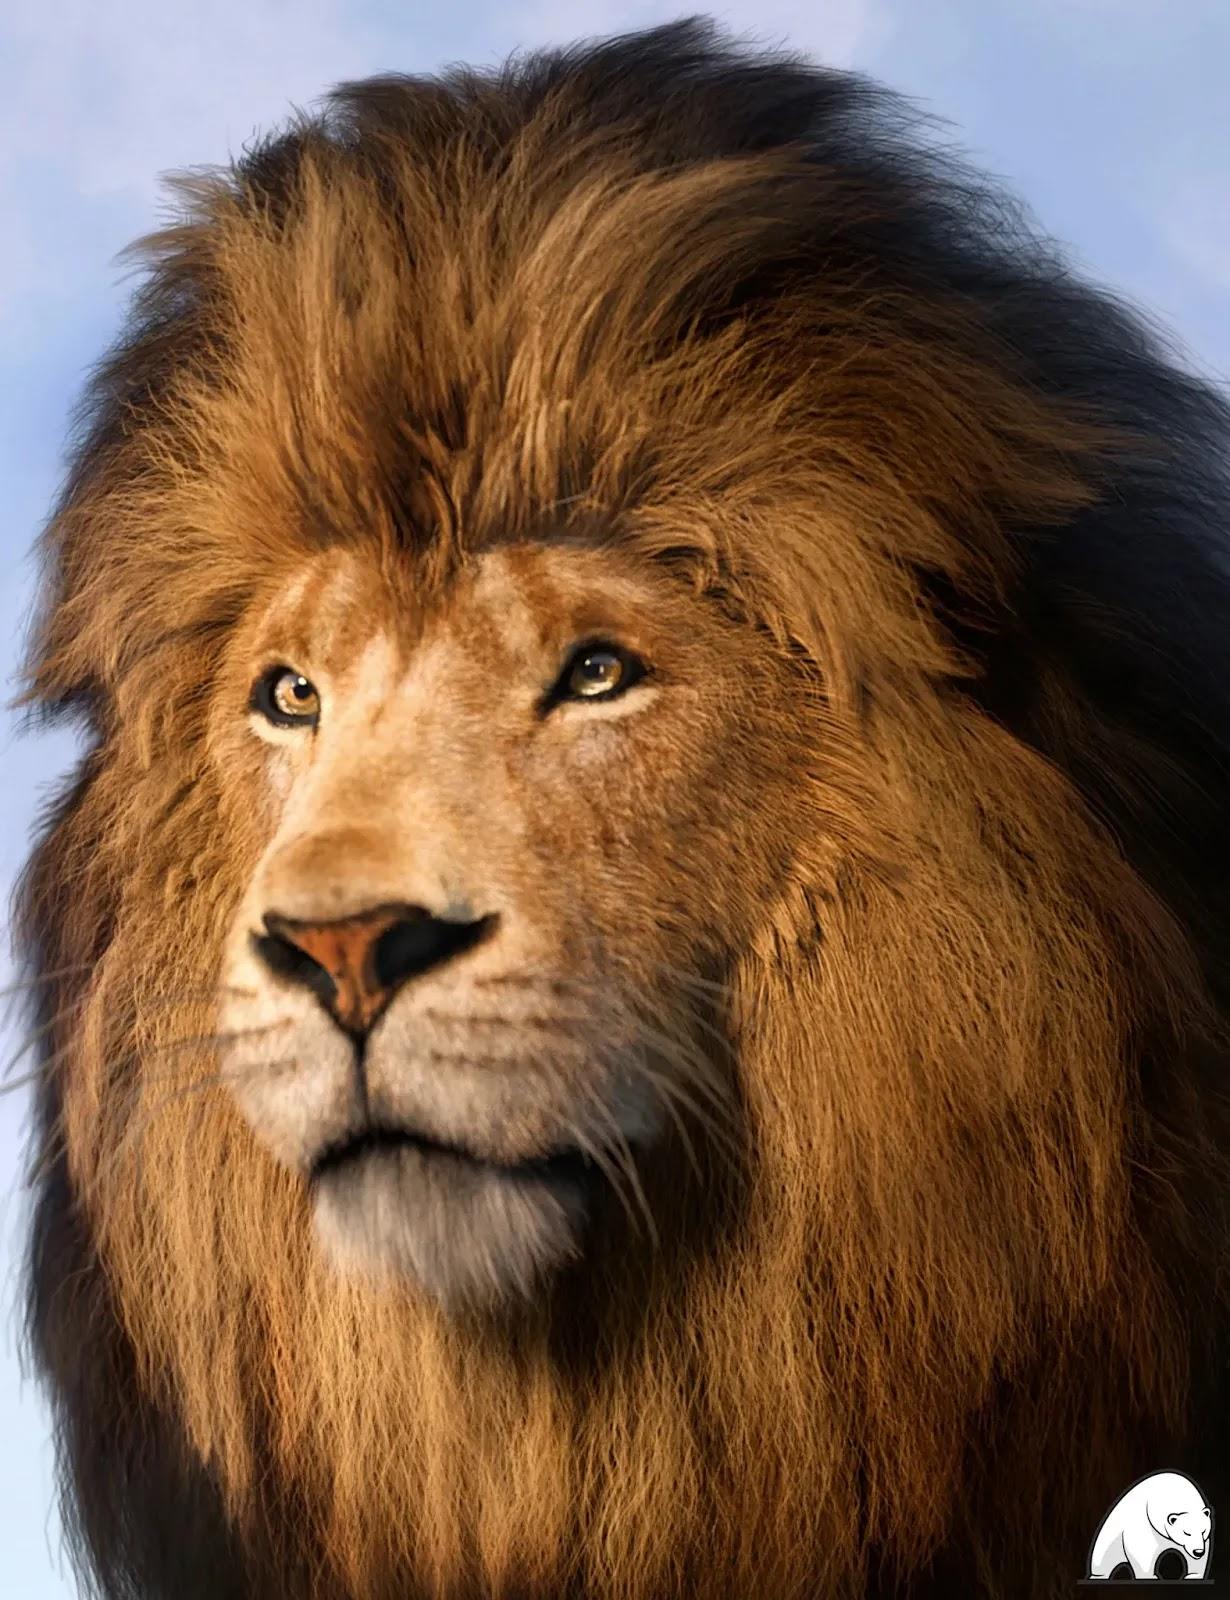 Felidae by AM – Lion_DAZ3D下载站